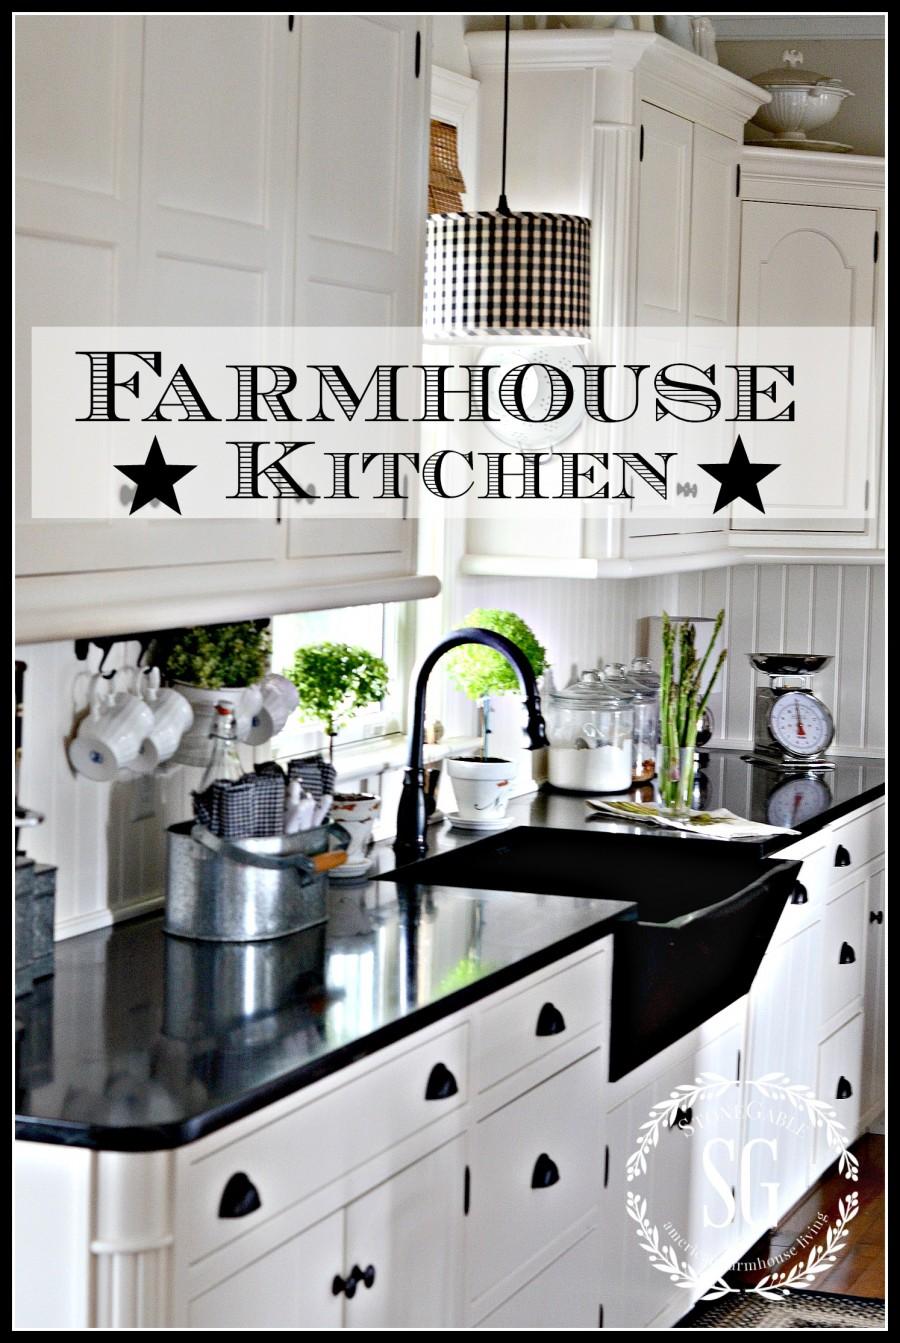 Awesome FARMHOUSE KITCHEN